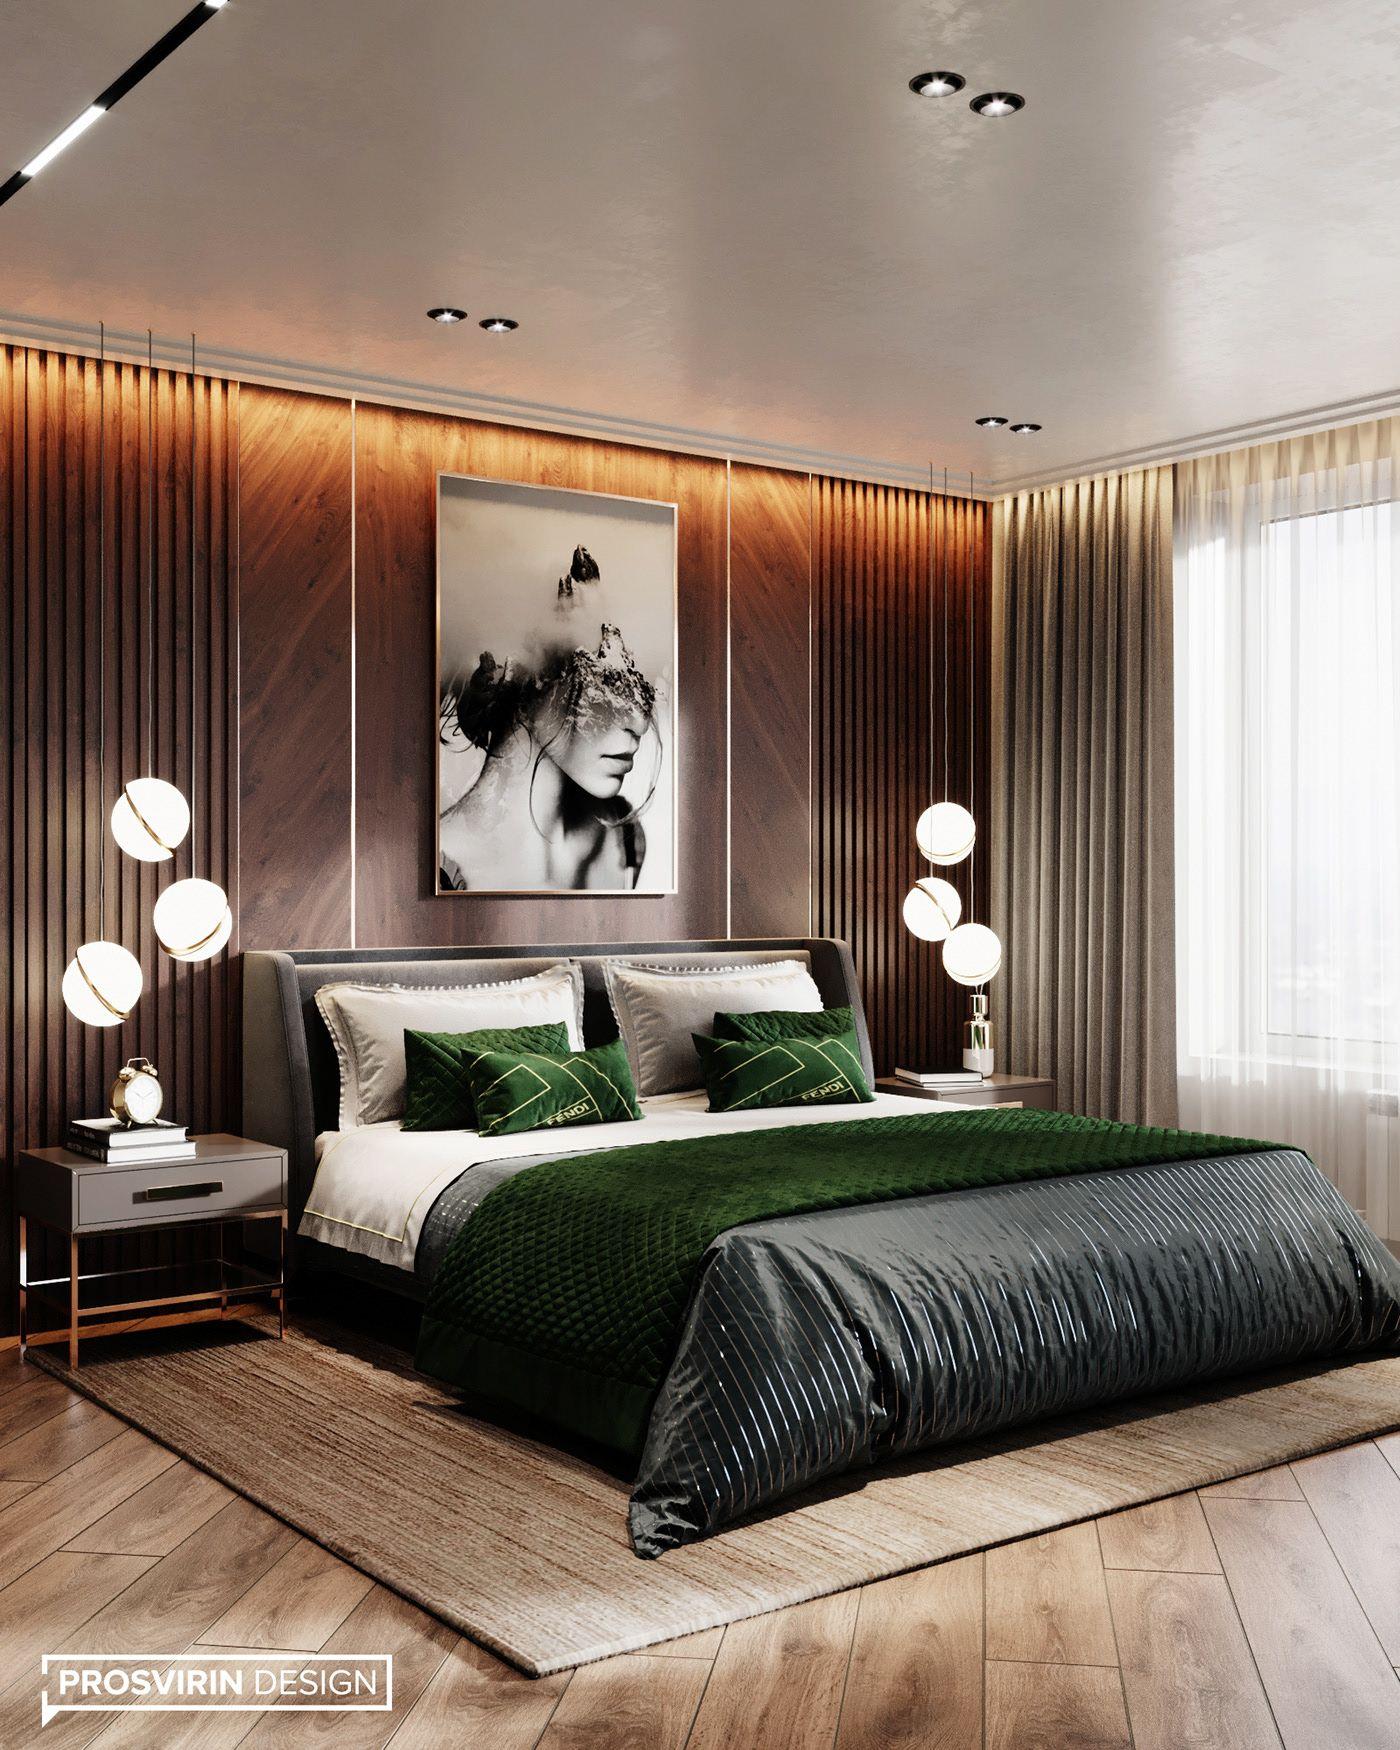 FULLLIFE on Behance in 2020 | Luxury bedroom design ...